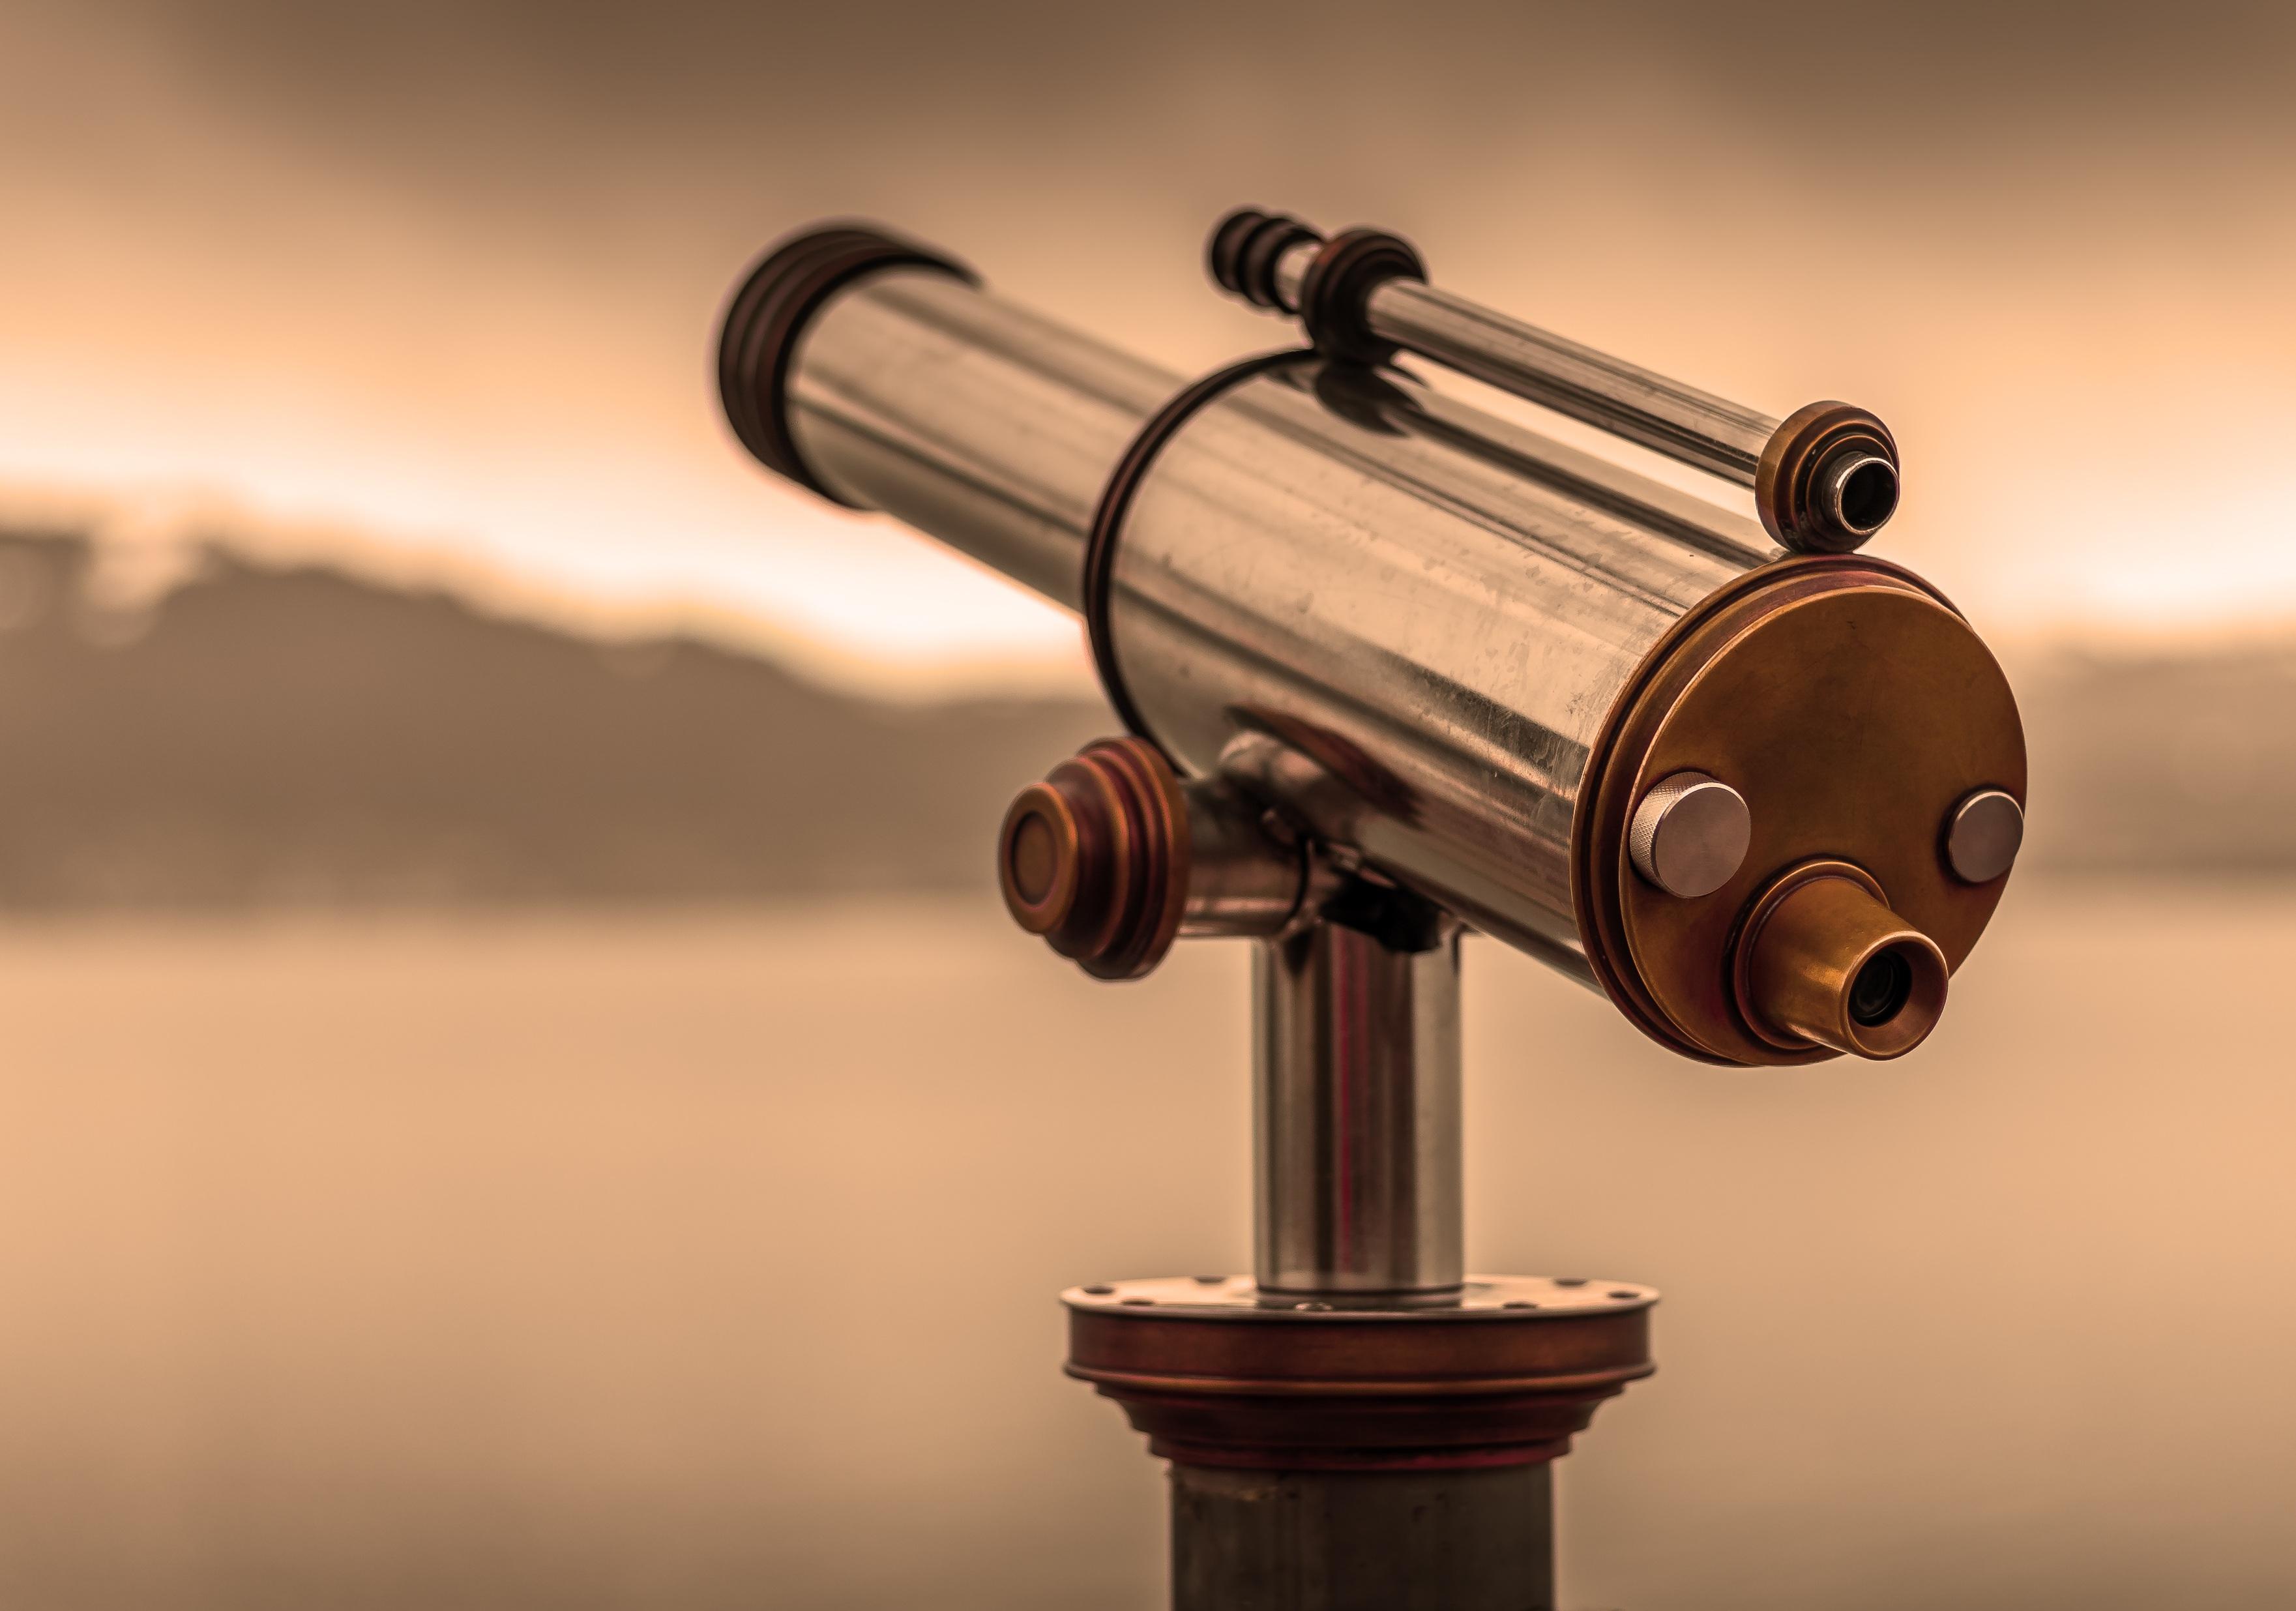 Fotoğraf peyzaj su doğa ışık gündoğumu görünüm teleskop